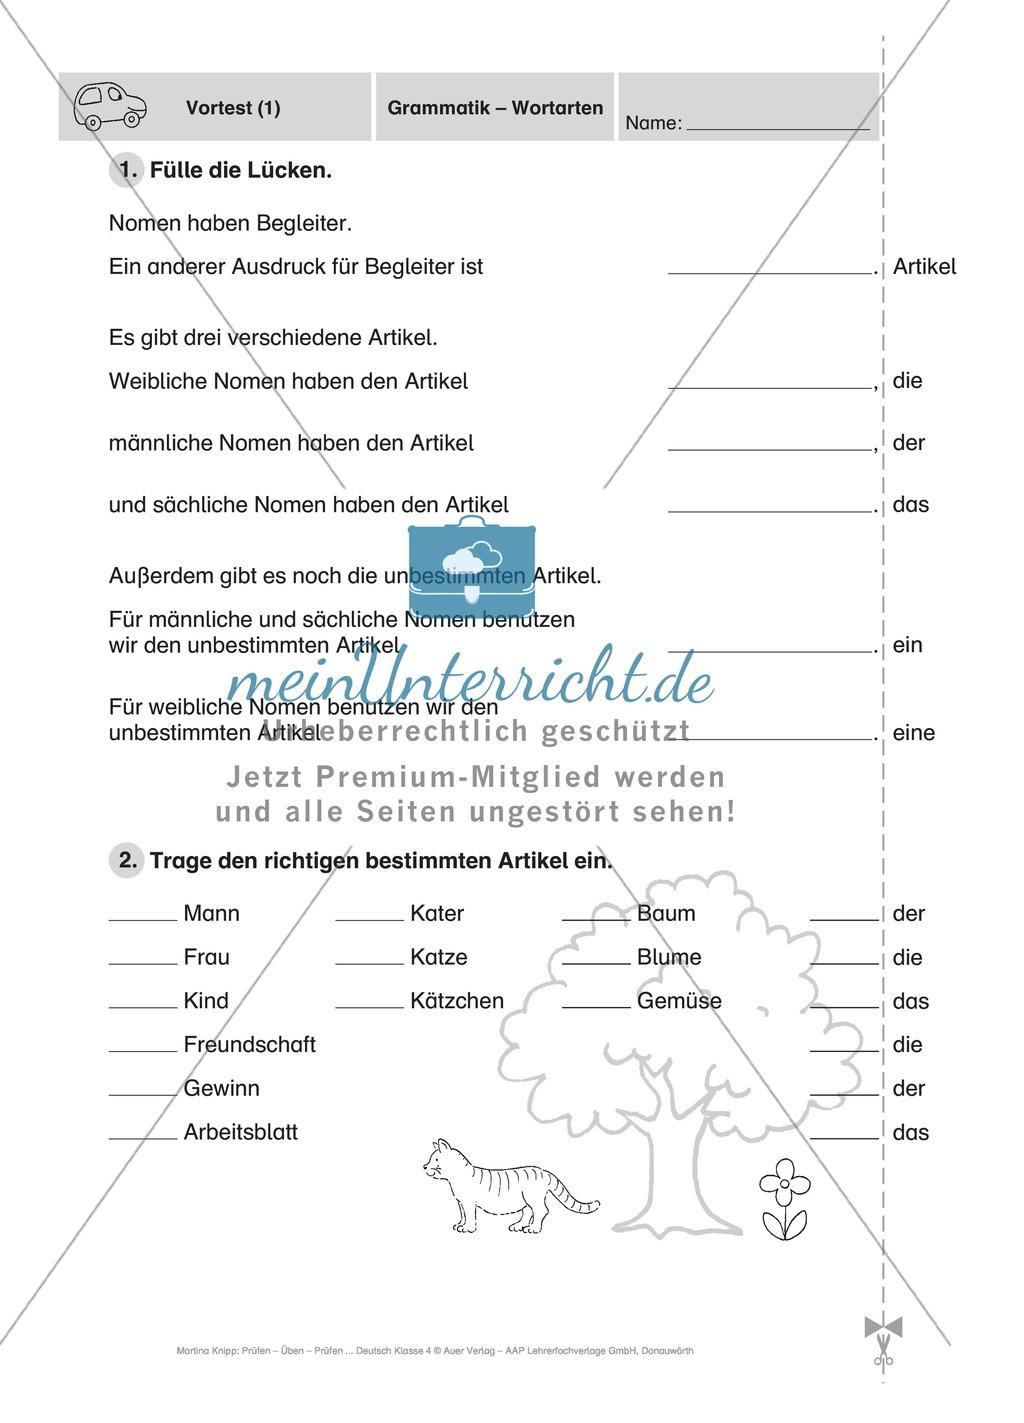 Führerschein für die deutsche Sprache in der 4. Klasse ...